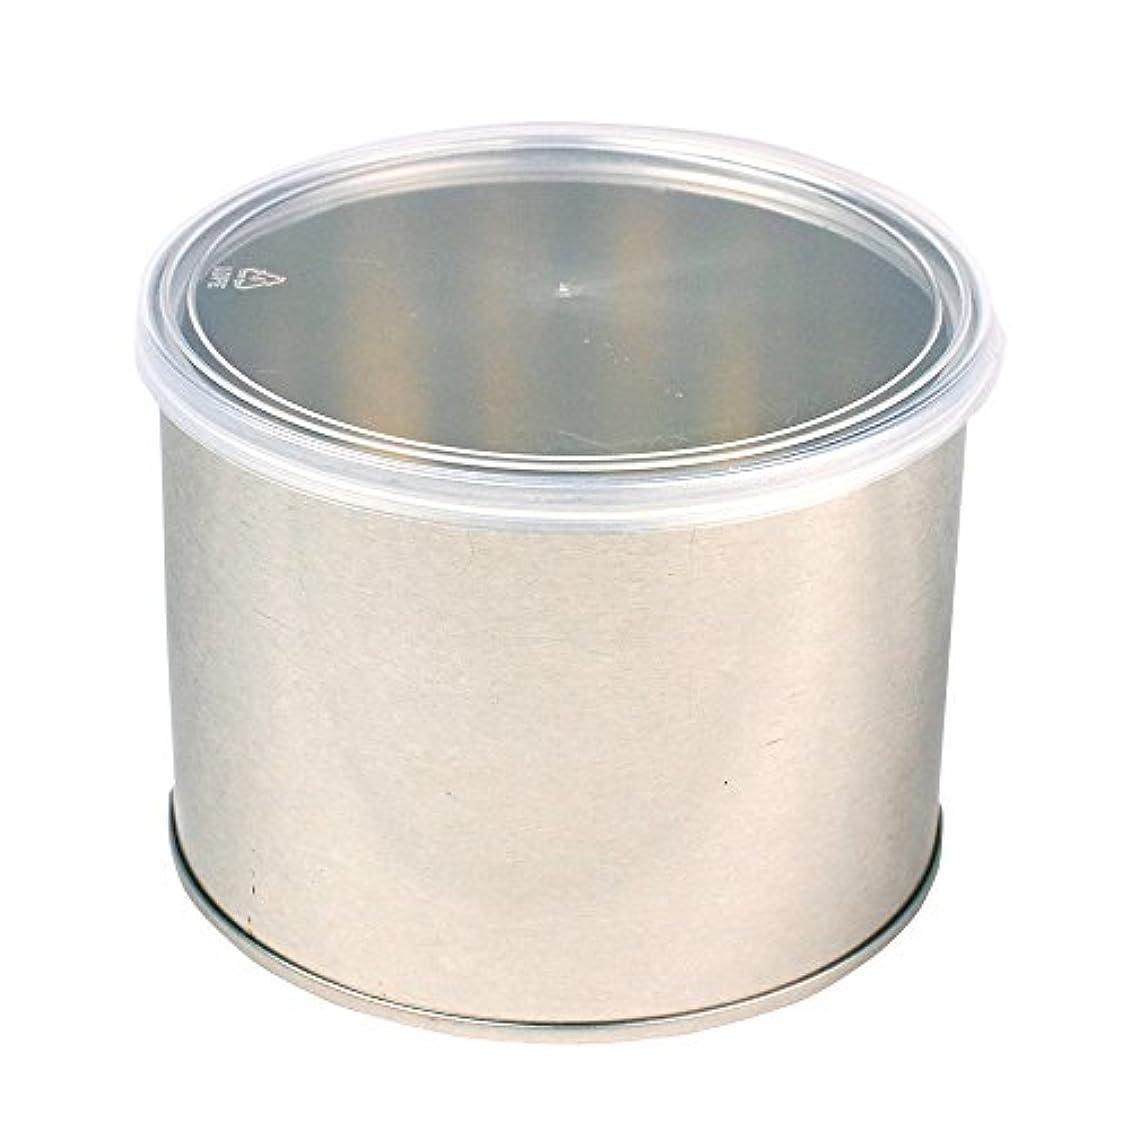 トランクライブラリ法的フィットネスワックス脱毛用スチール缶 ハード?ソフト両用 キャップ付 1個(032-1) ブラジリアンワックス